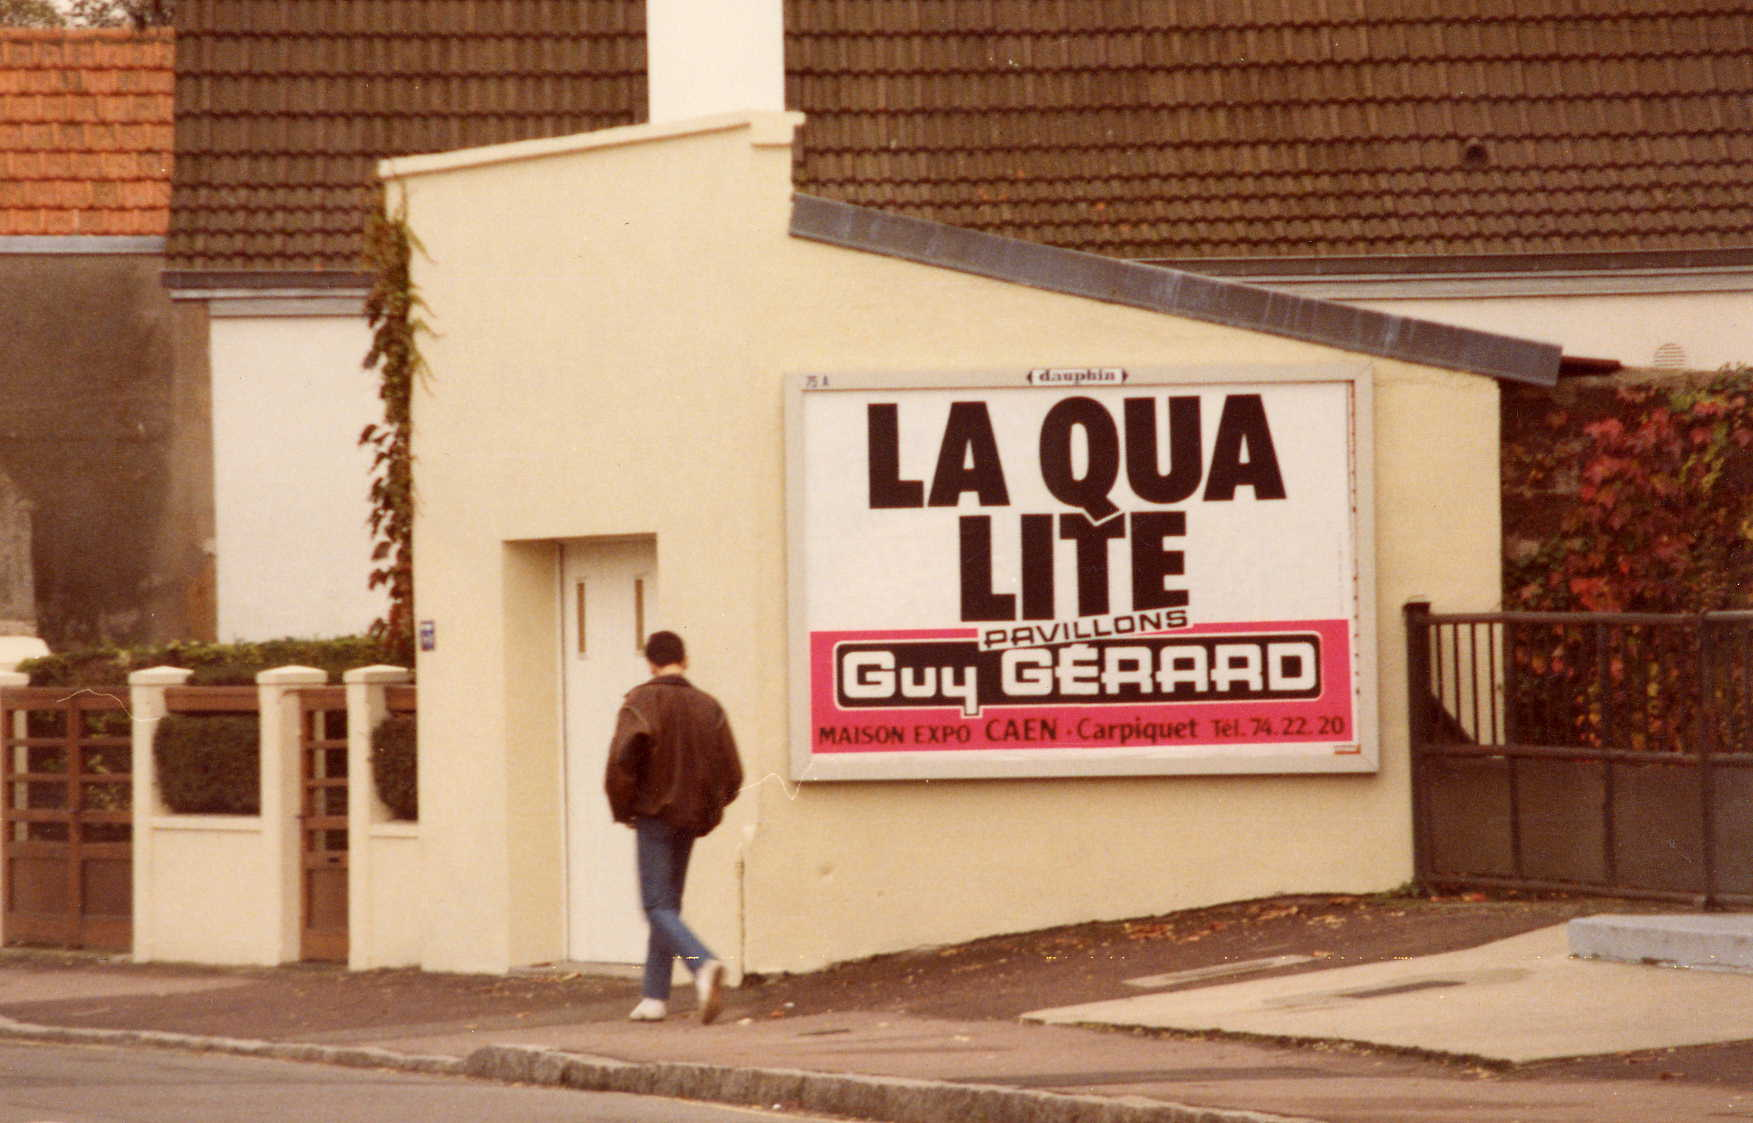 La qua lite Pavillions Guy Gérard